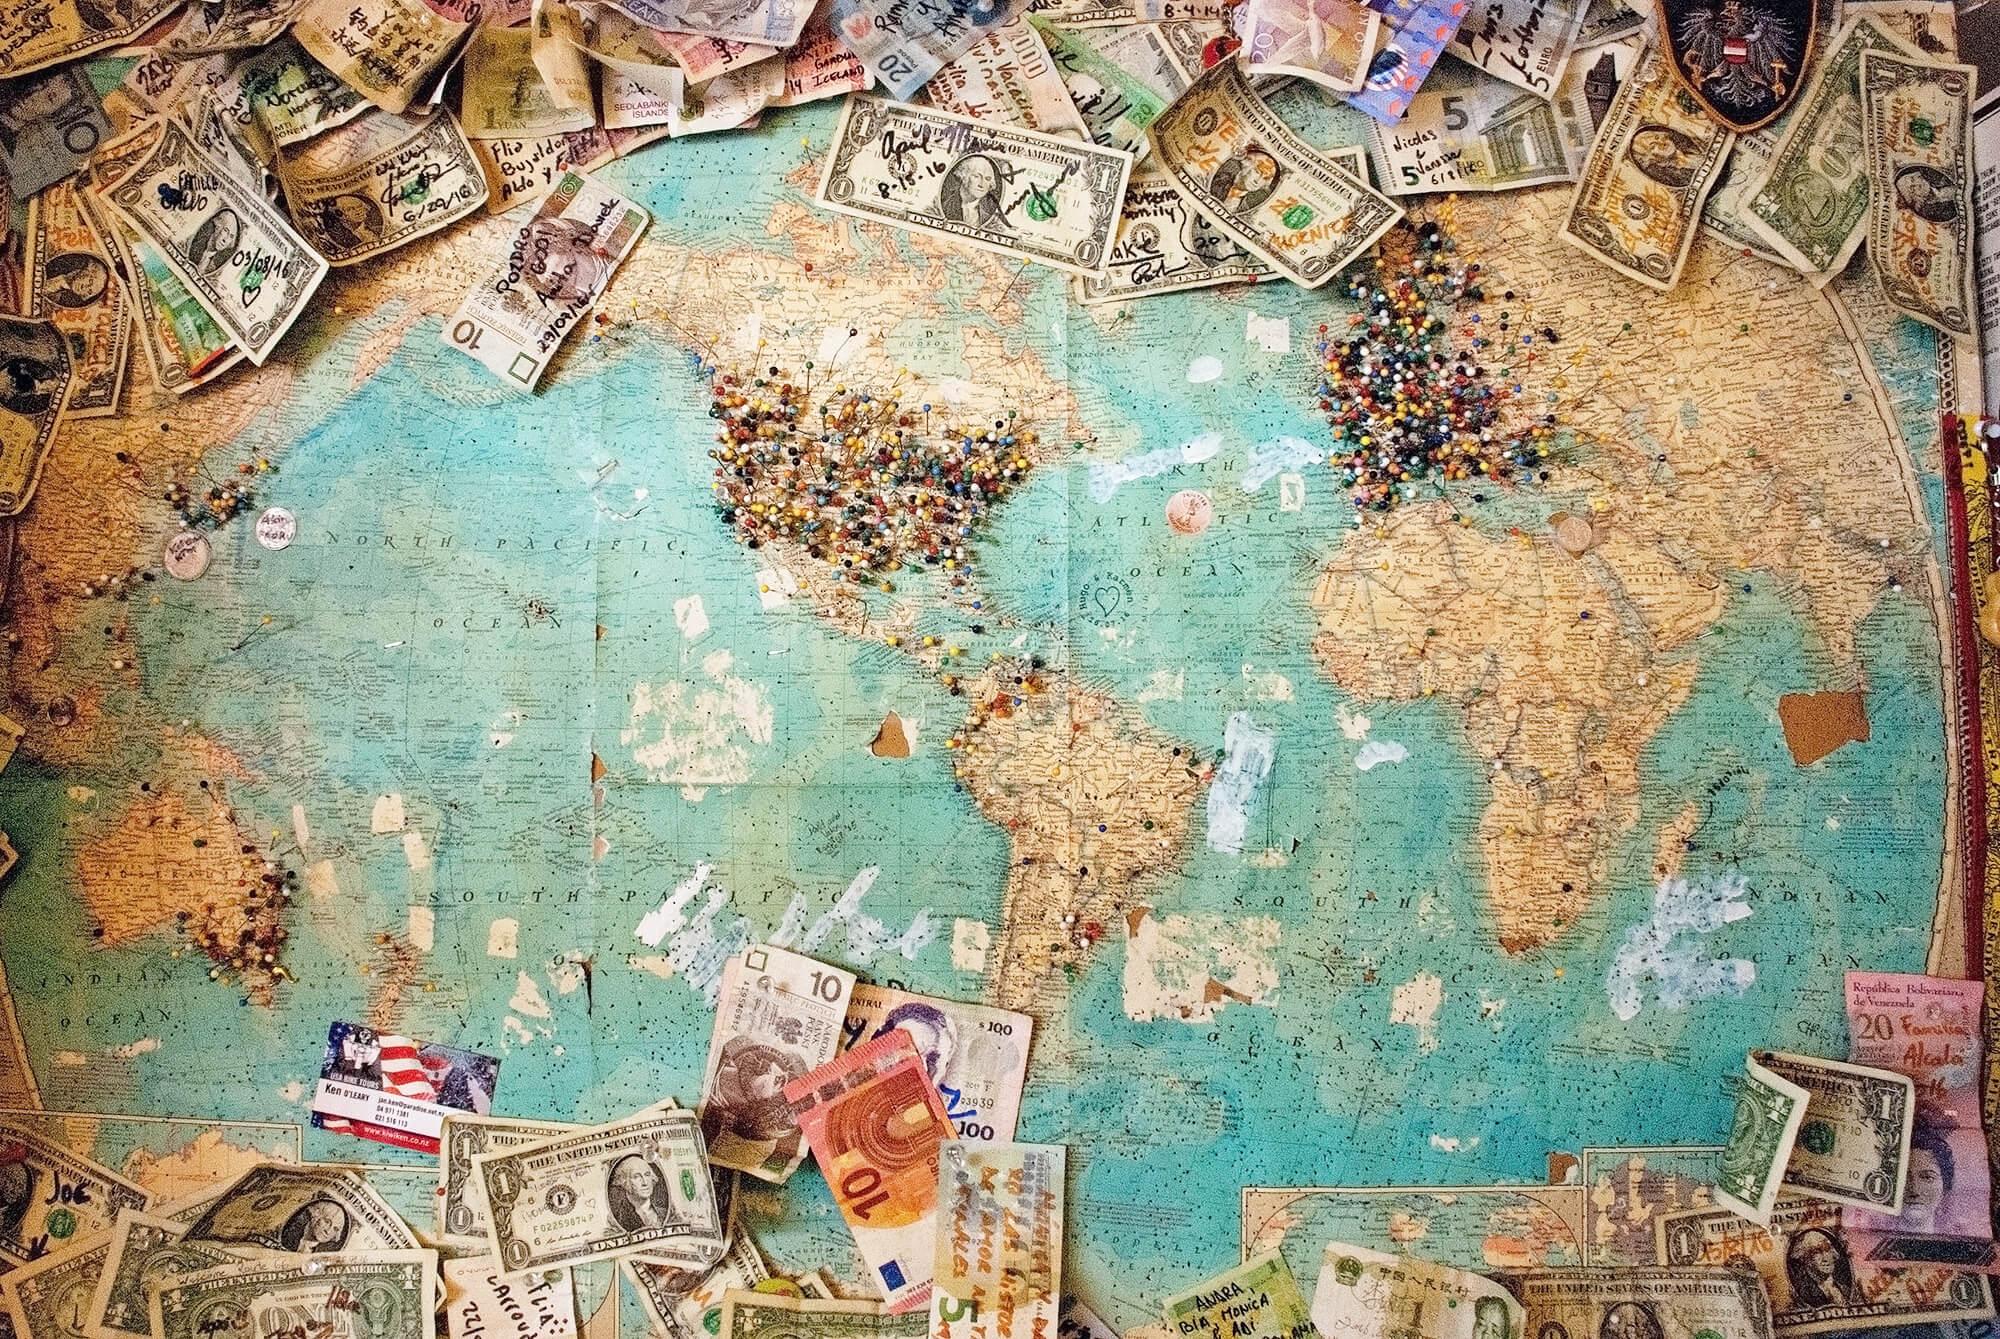 世界の最低賃金ランキング(2019年版) | 「平均年収」「最低年収」「最低時給」から解説